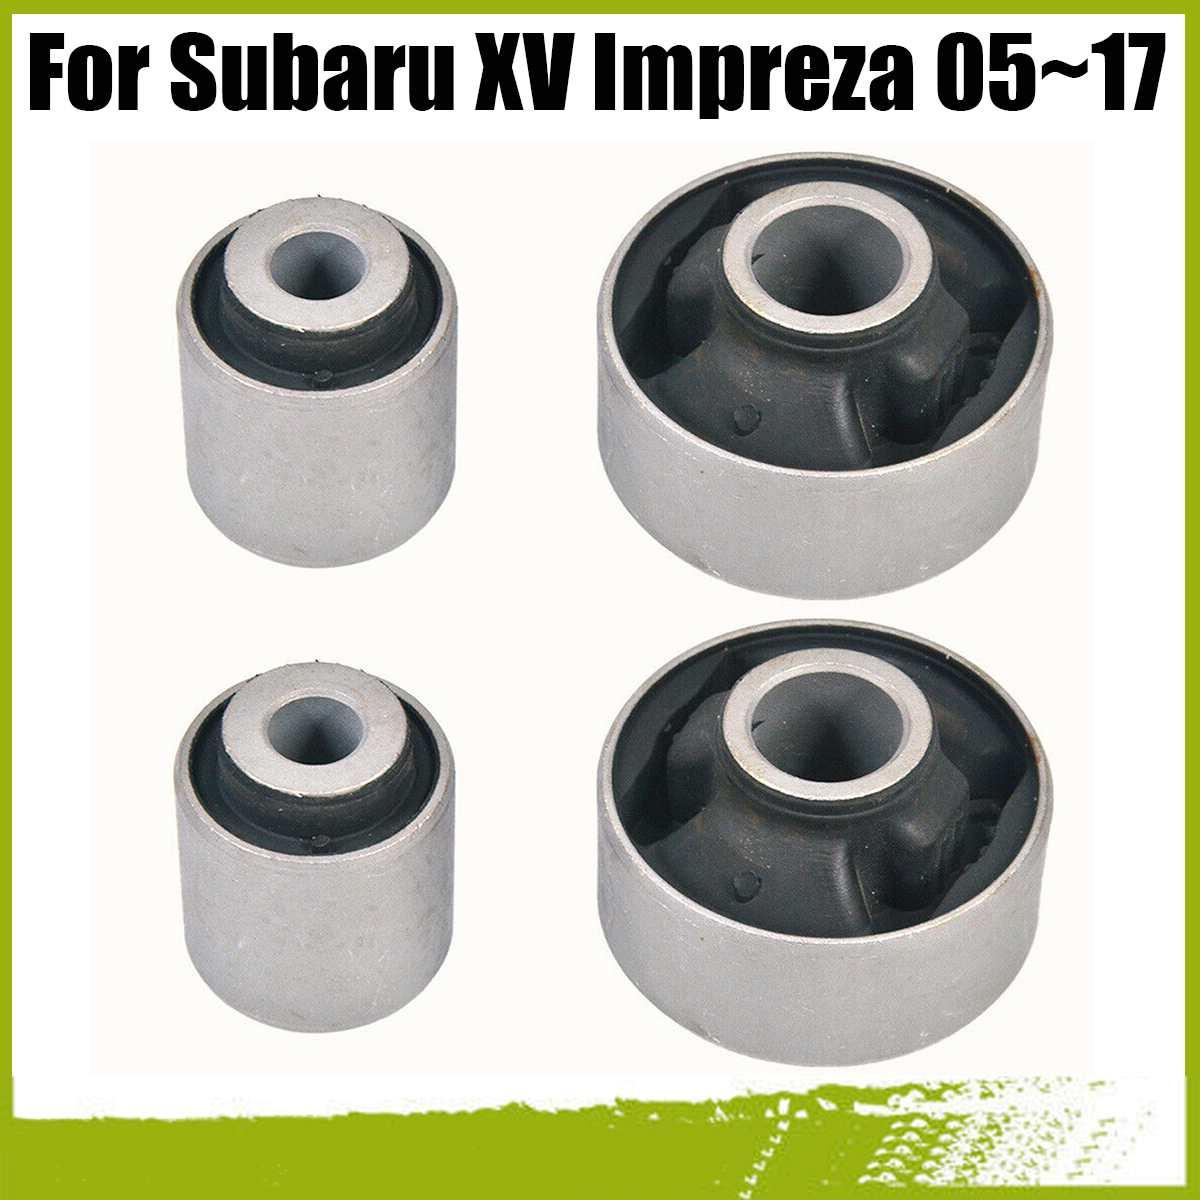 ด้านหน้าแขนควบคุมชุด 4pcs สำหรับ Subaru WRX 14-18 Impreza 05-17 LEGACY 03 -18 Forester 08-17 Outback 03-18 XV 12-17